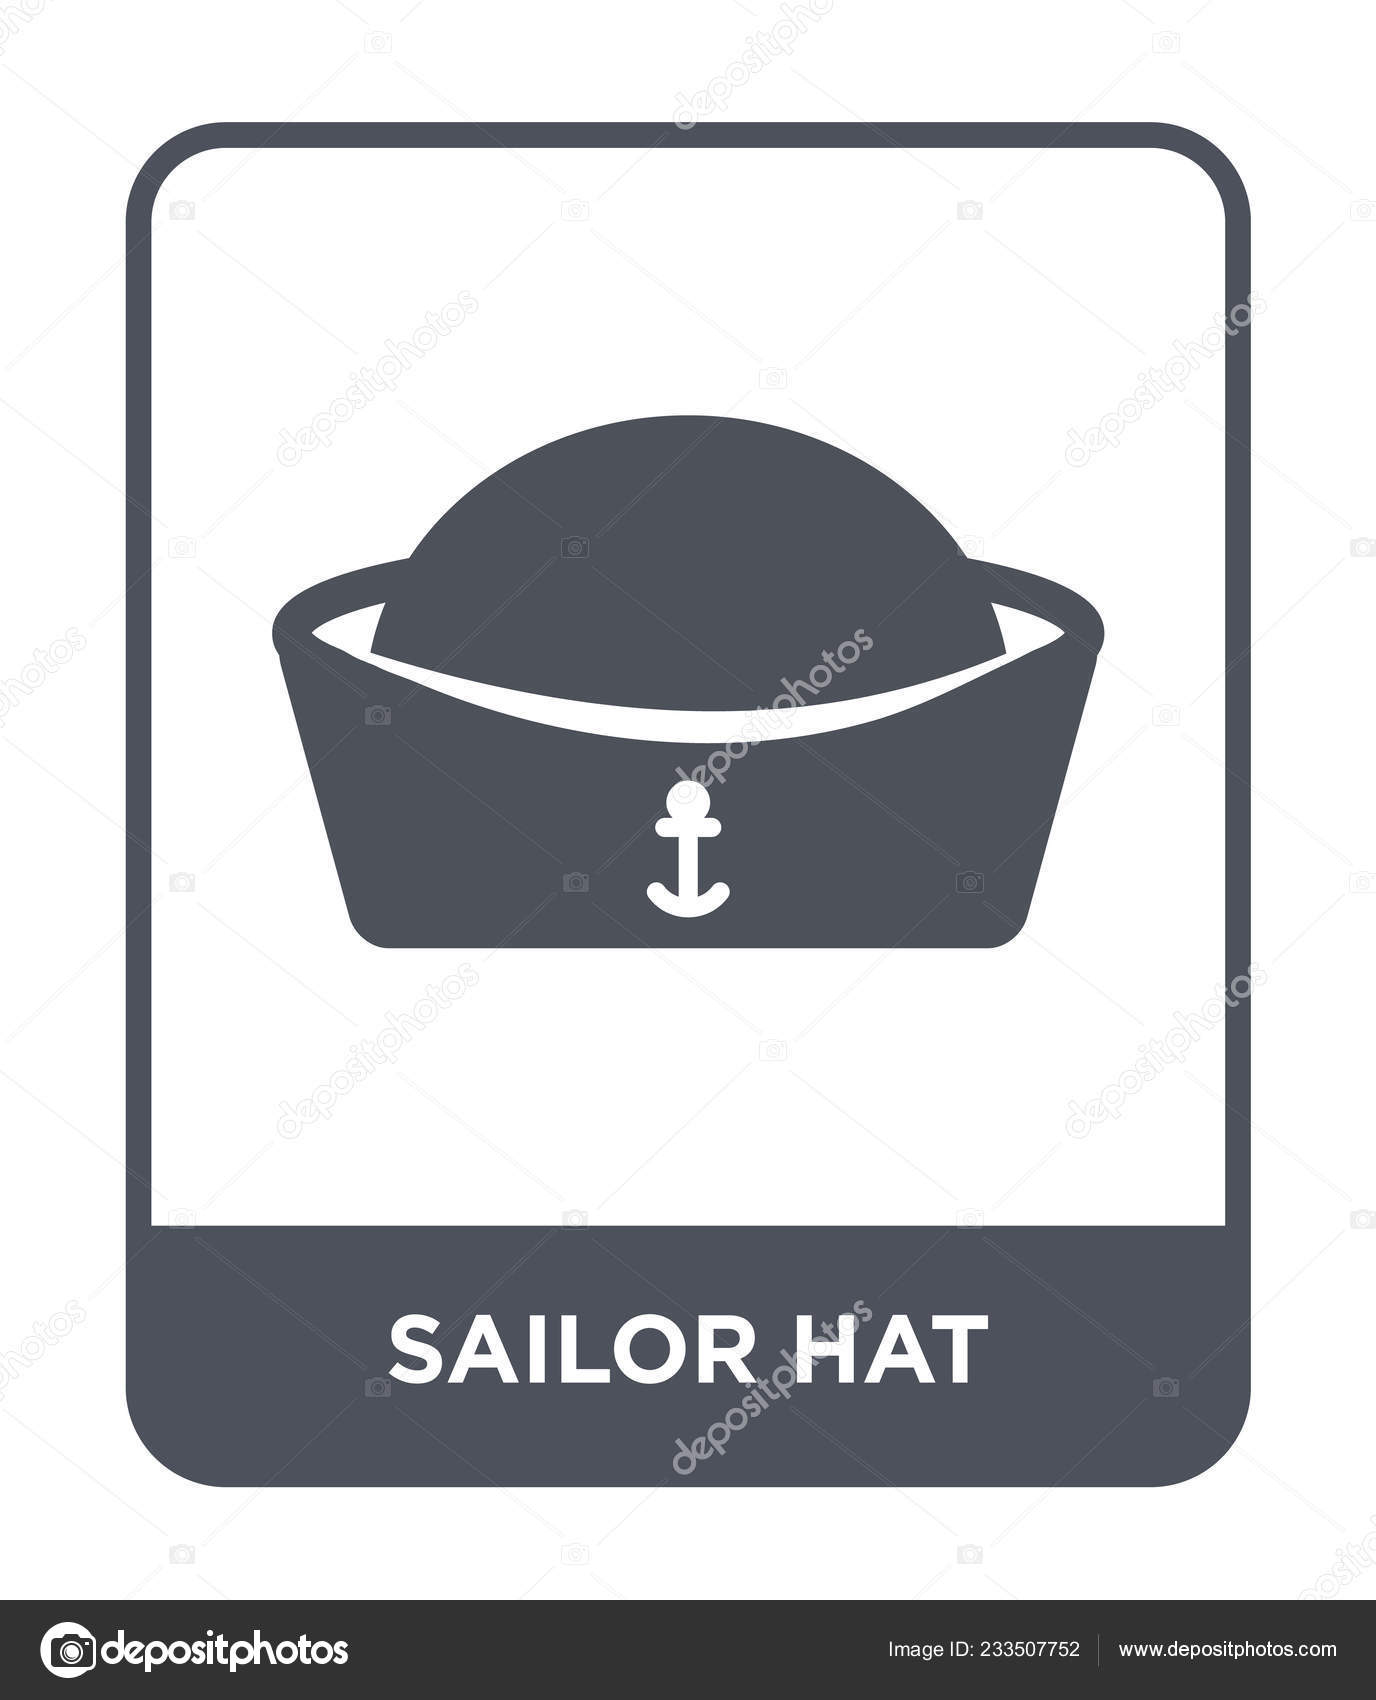 b974917608e3a Icono del sombrero de marinero en el estilo de diseño de moda. icono del  sombrero de marinero aislado sobre fondo blanco. Sailor hat vector icono  símbolo ...